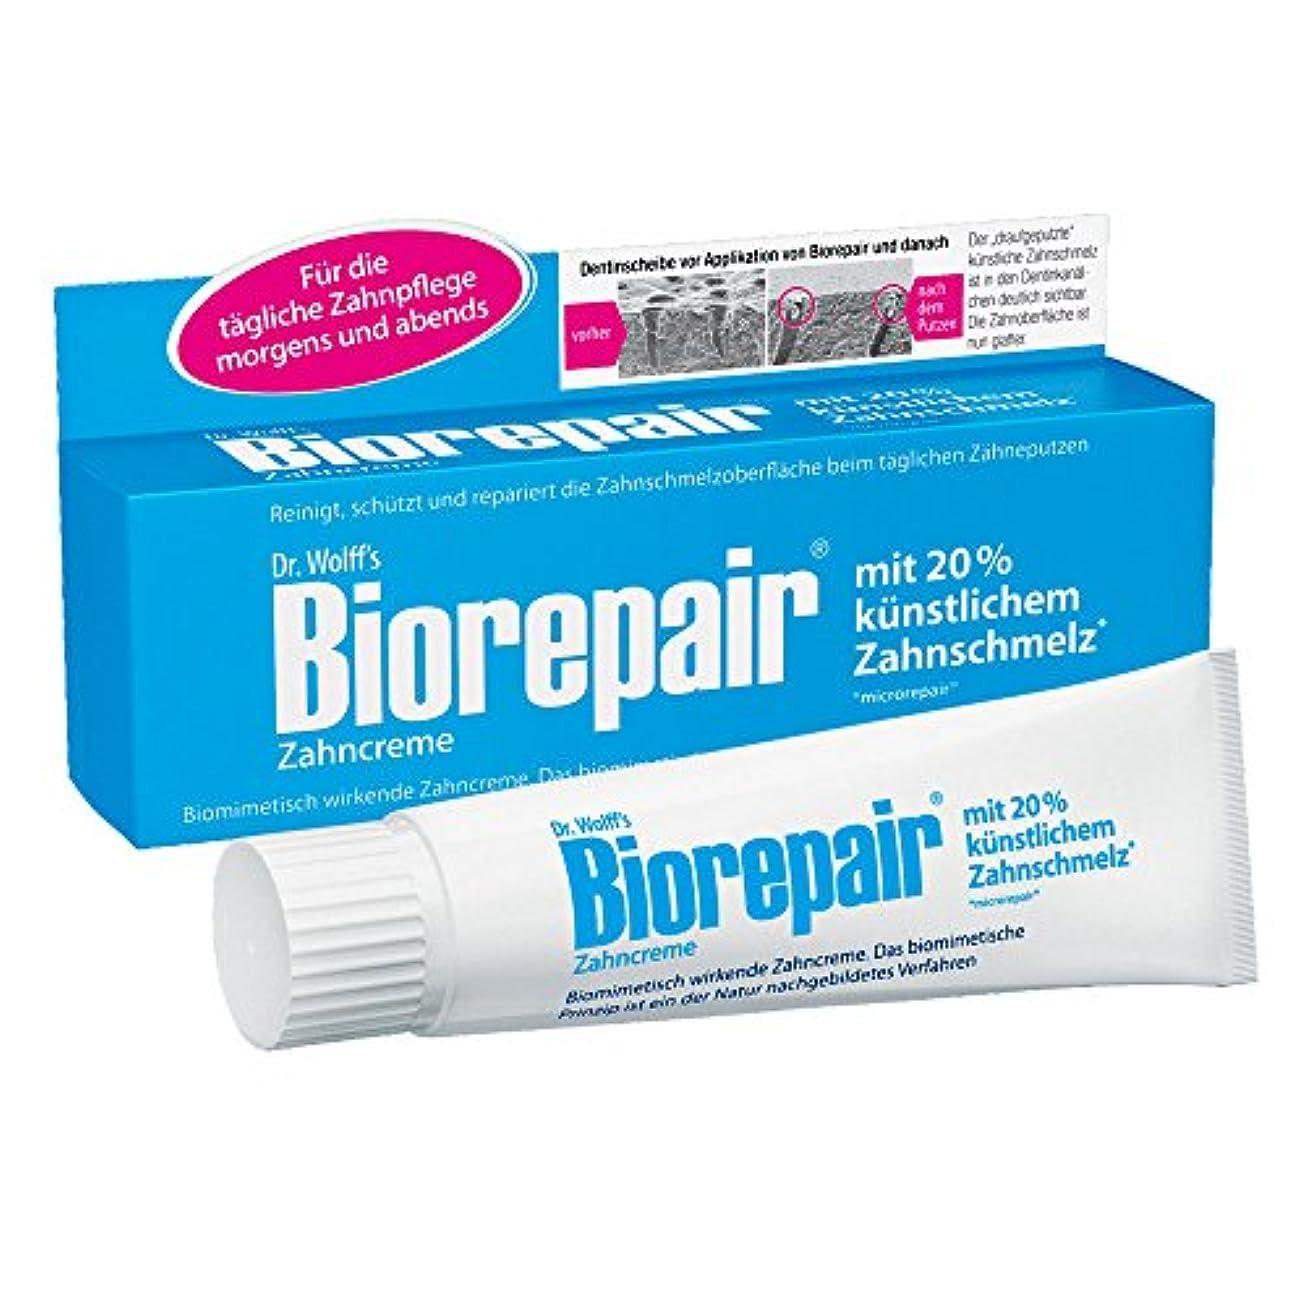 指紋悪性腫瘍民主主義Biorepair 歯磨き粉オリジナル、75ml(1pack) 歯の保護 耐摩耗性 1pack [並行輸入品]